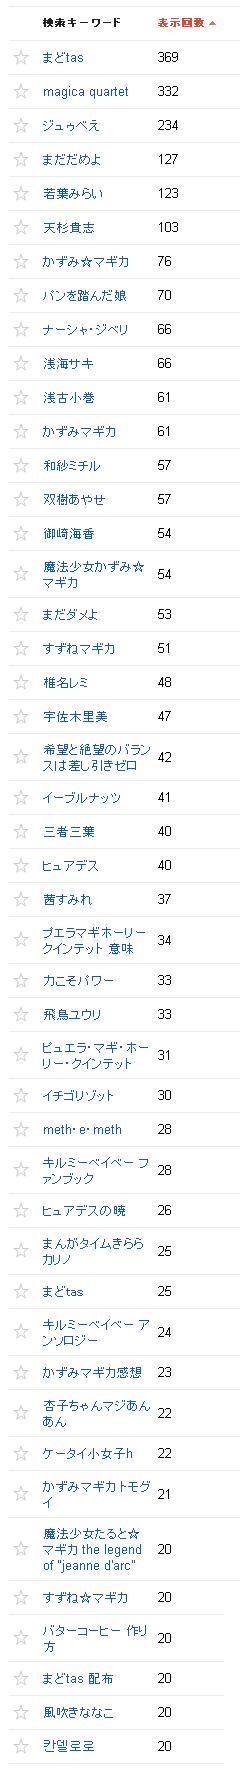 2014/05/02の検索クエリ一覧(ウェブマスターツール)の上位